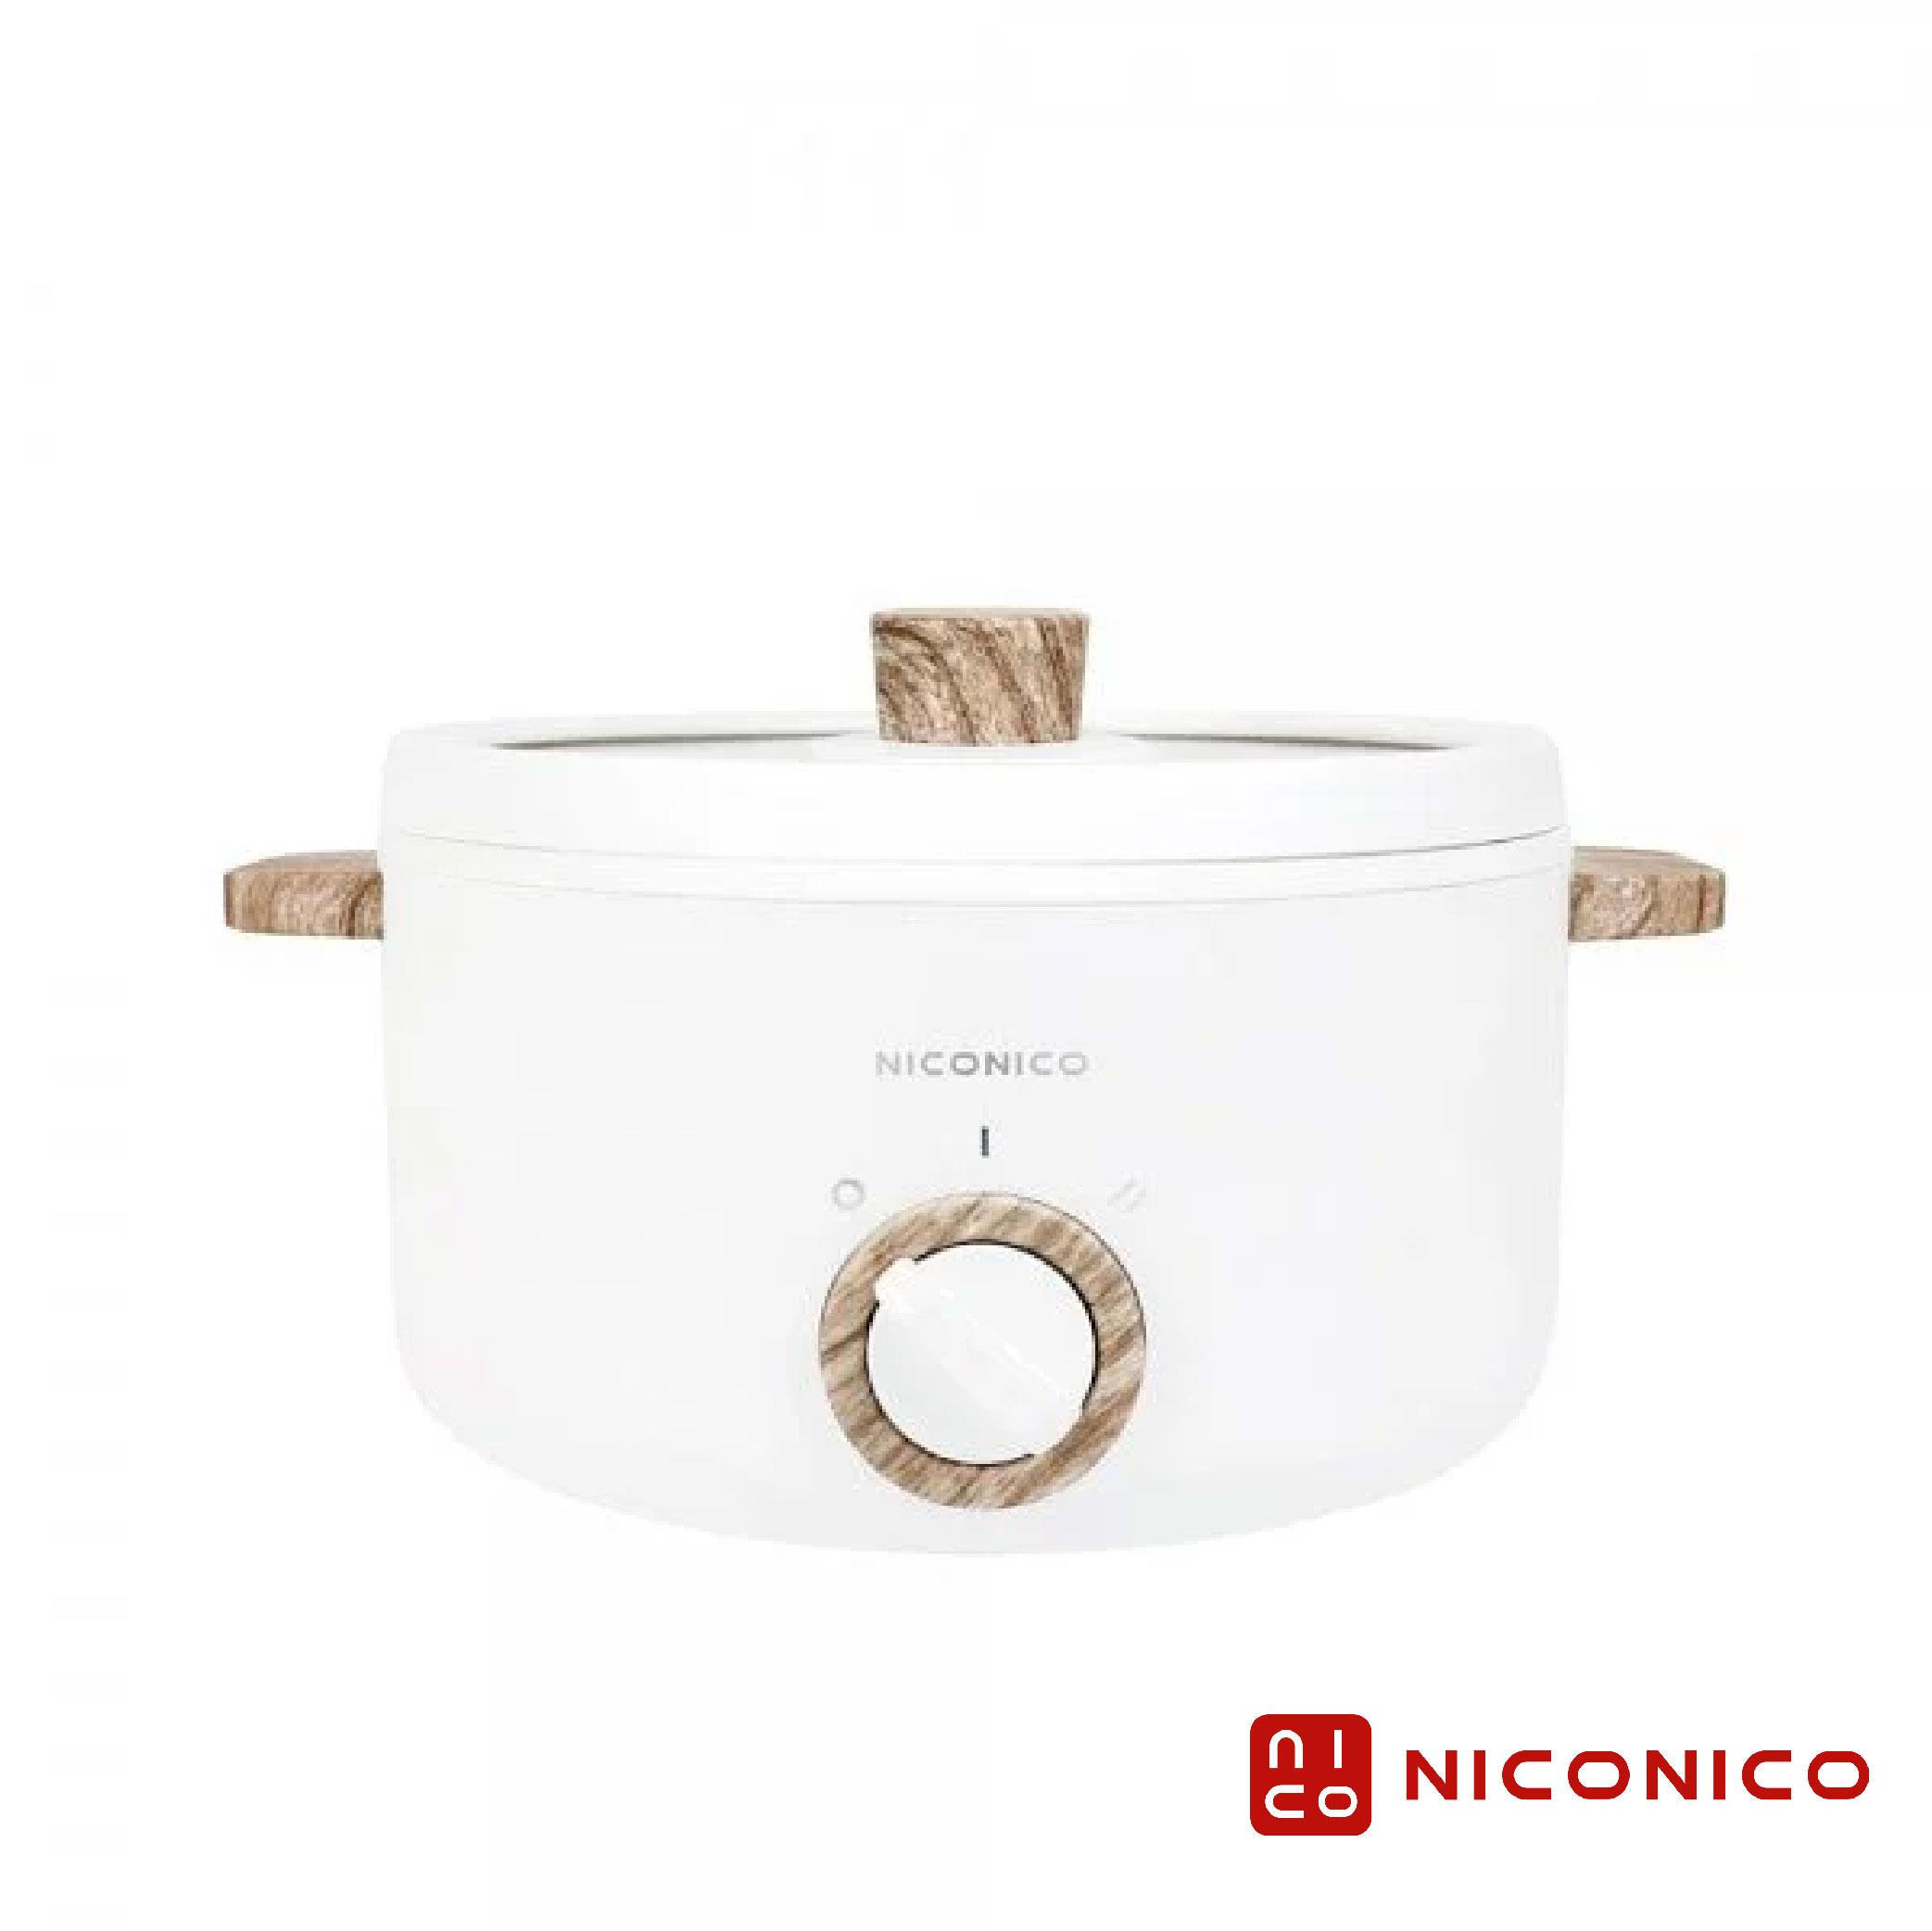 【NICONICO奶油鍋系列】日式陶瓷料理鍋1.5L